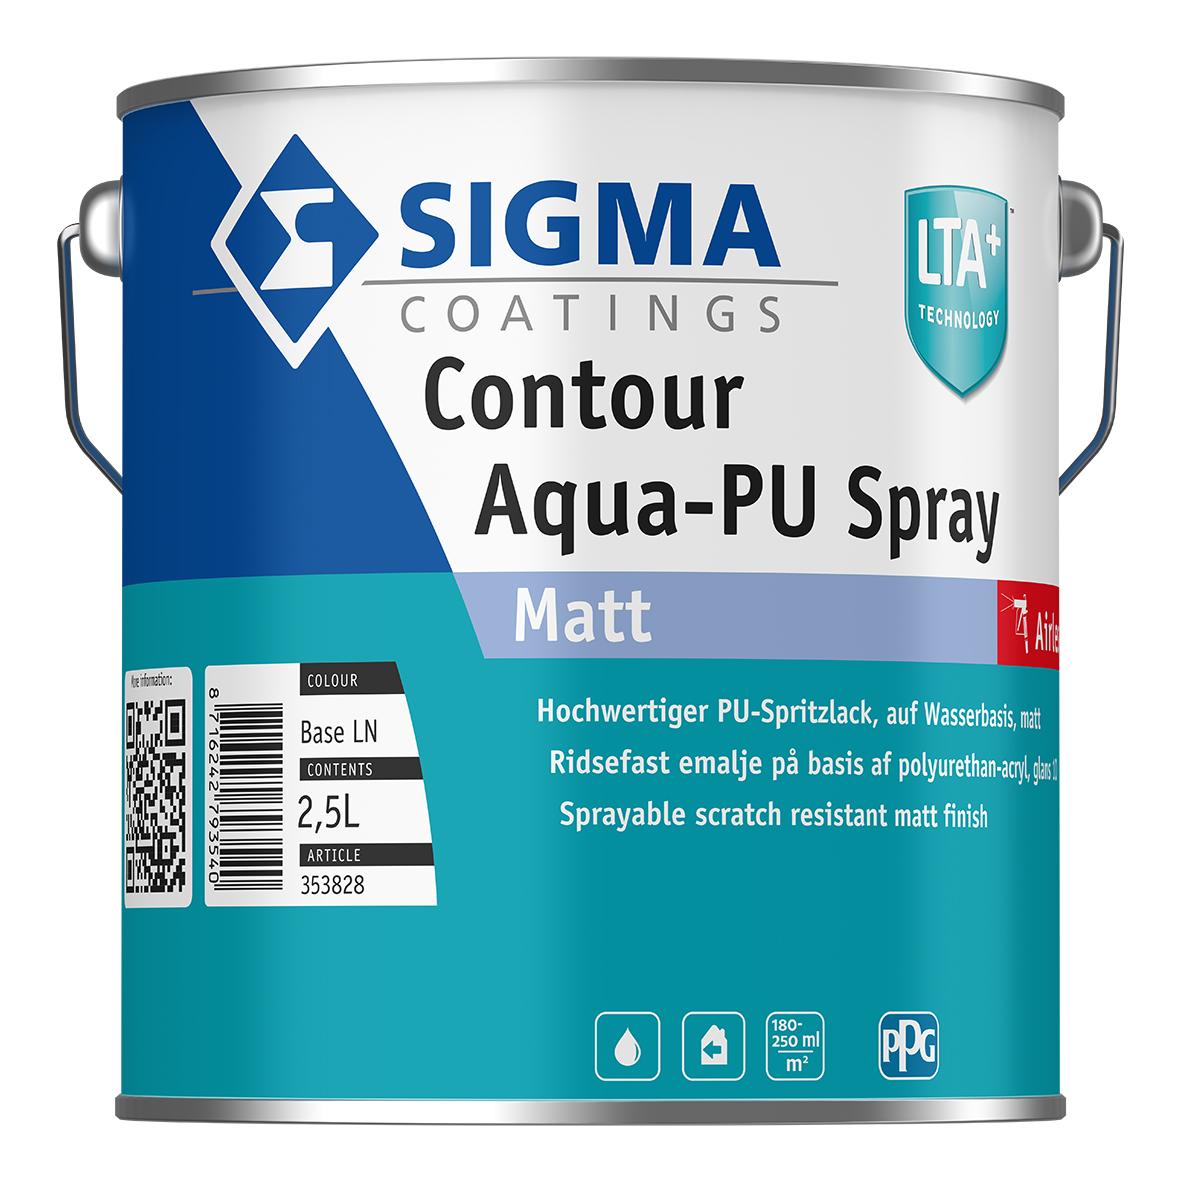 SIGMA Contour Aqua-PU Spray Matt